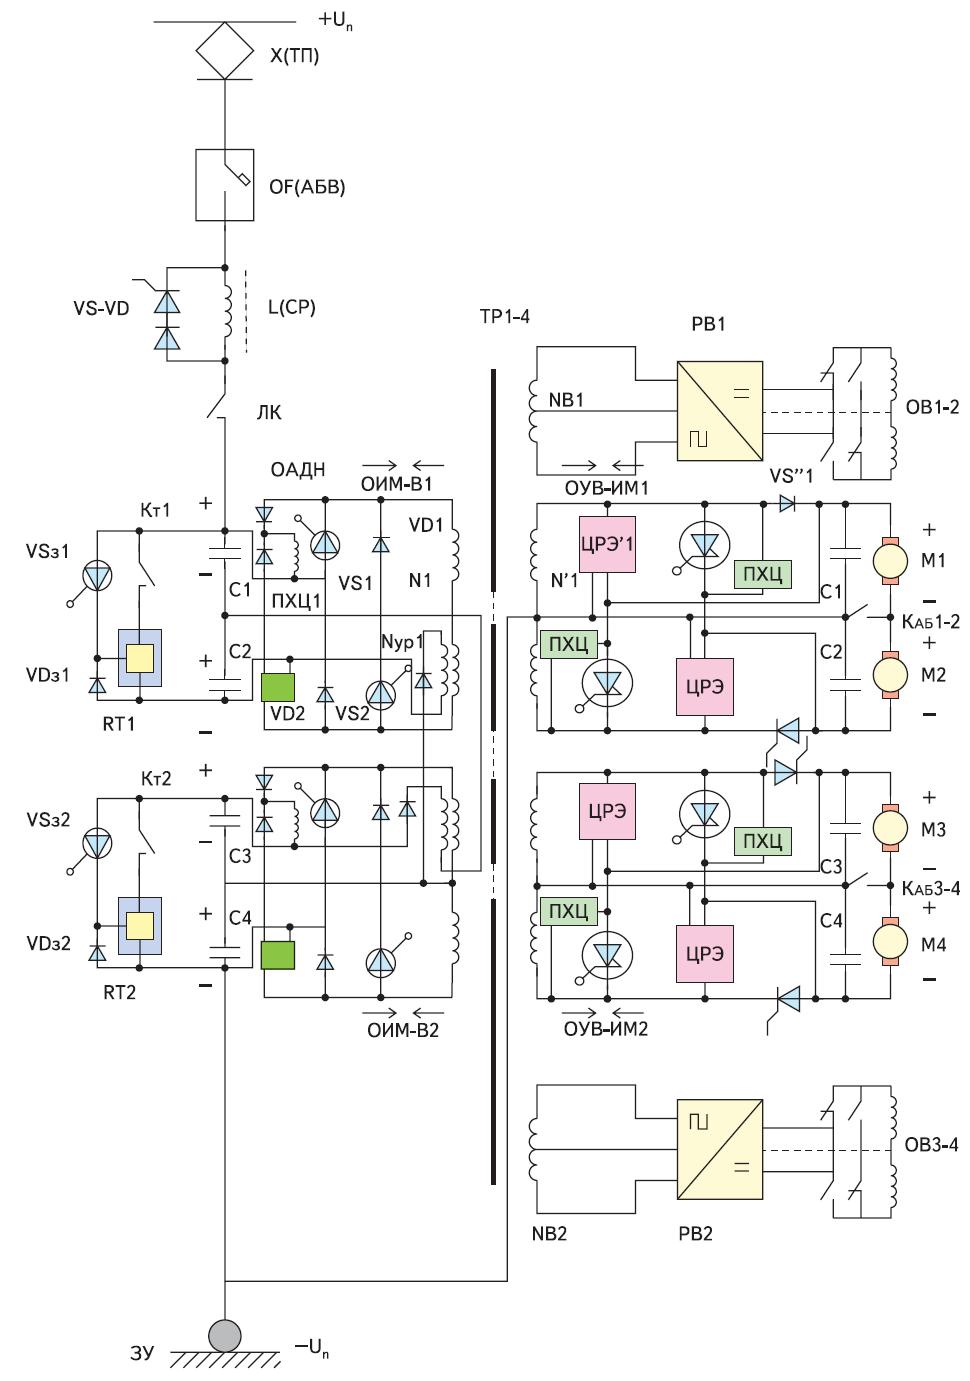 Тяговая схема с обратимым активным делителем сетевого напряжения (ОАДН) и модульно-трансформаторной развязкой